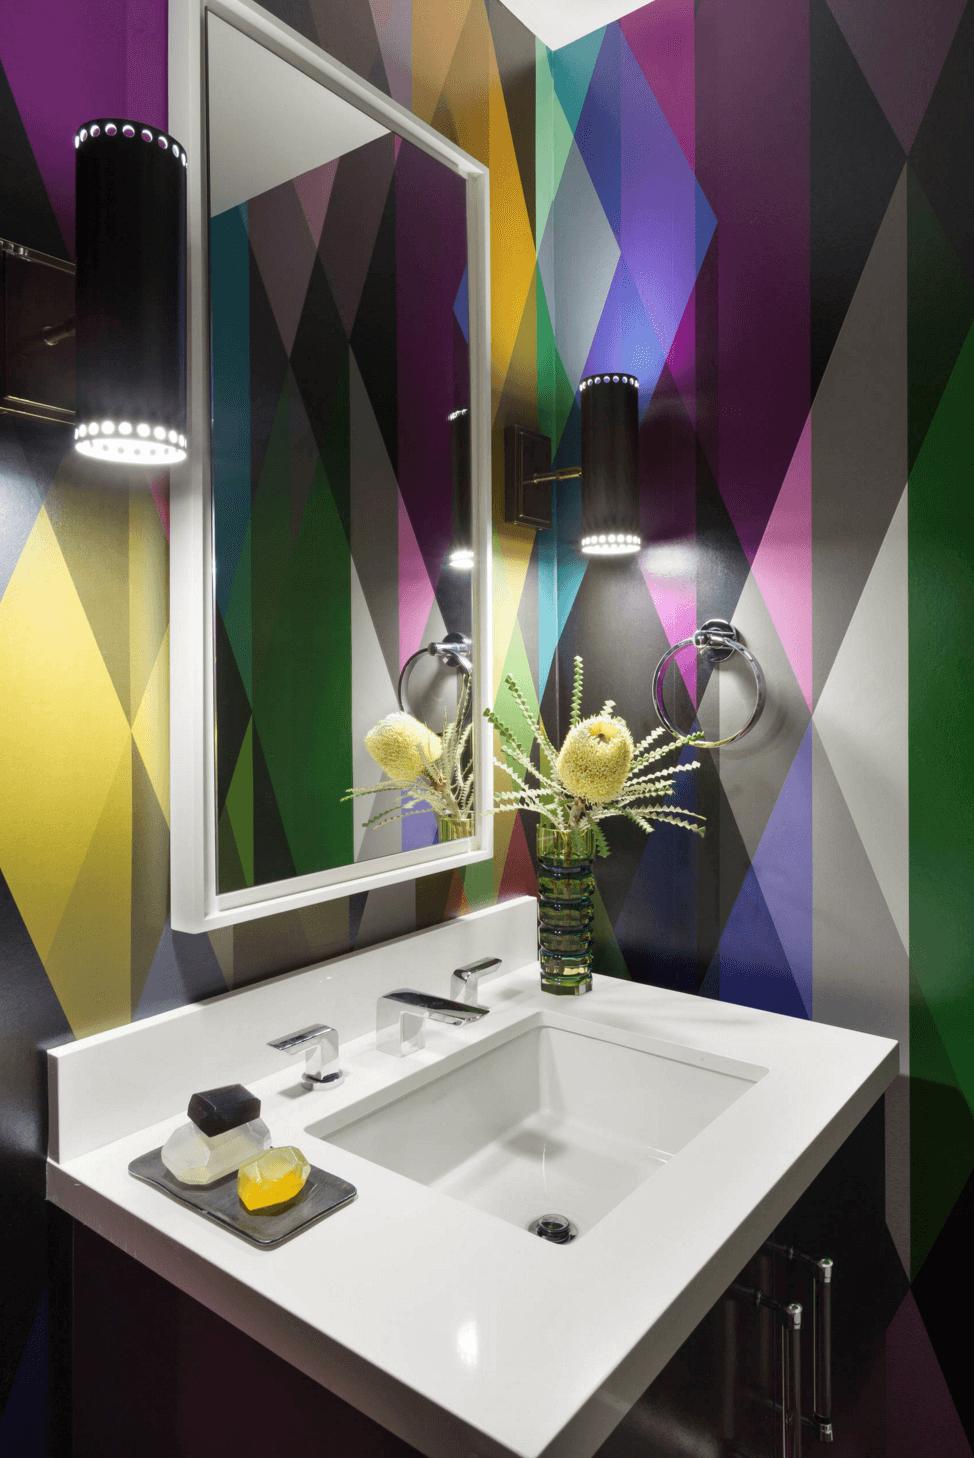 Геометрические узоры на стенах в ванной